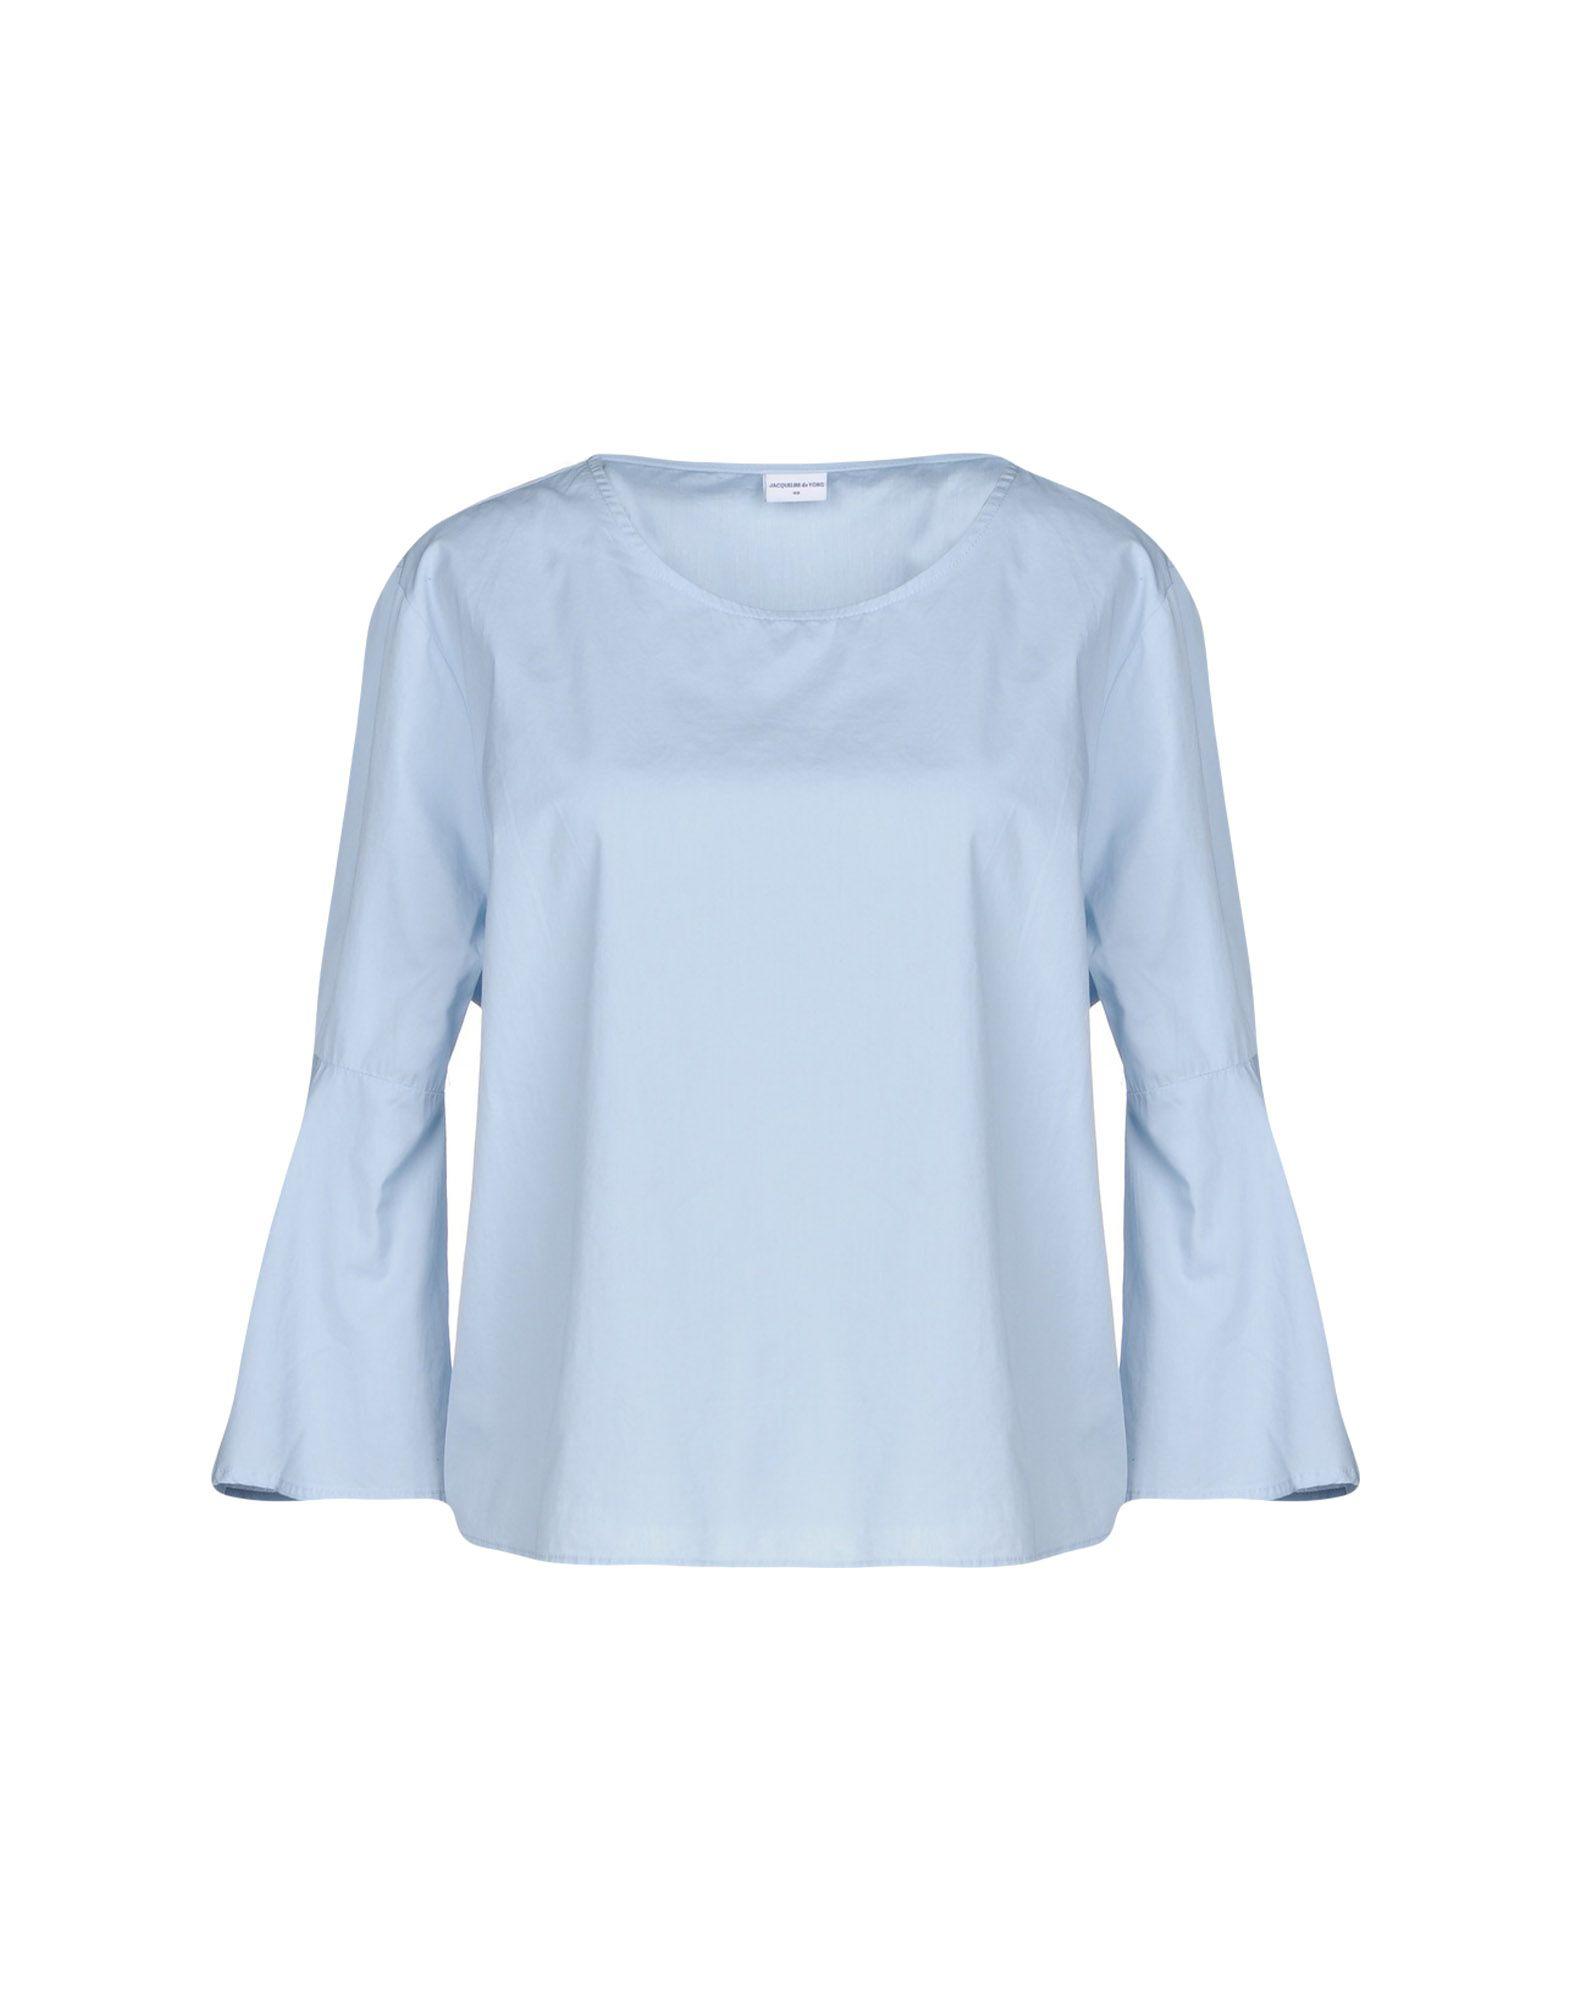 JACQUELINE de YONG Блузка блуза jacqueline de yong jacqueline de yong ja908ewujb68